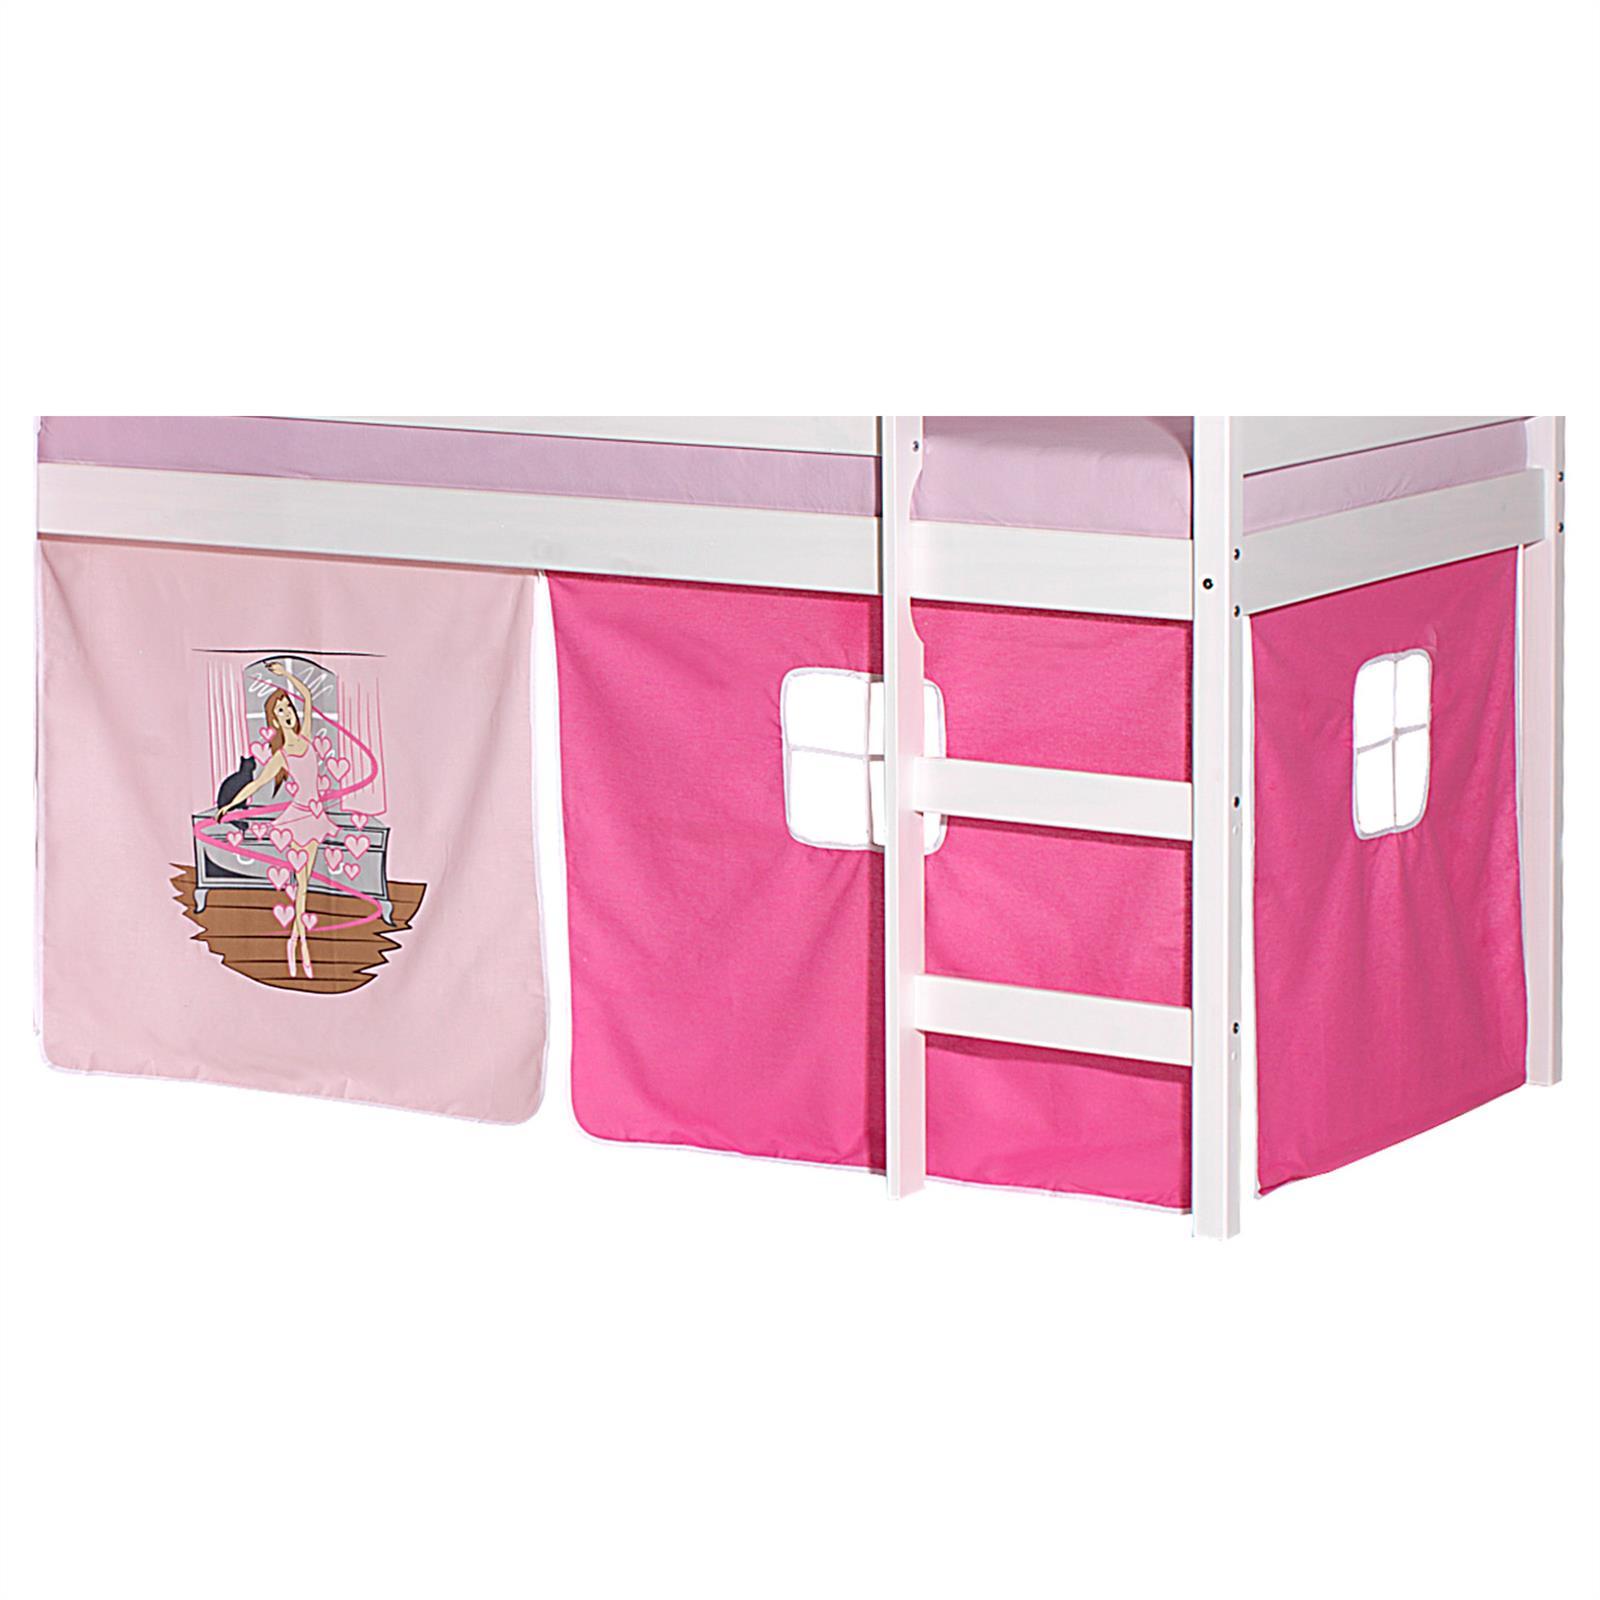 Lot de rideaux pour lit sur lev motif danseuse mobil meubles - Rideaux pour lit sureleve ...